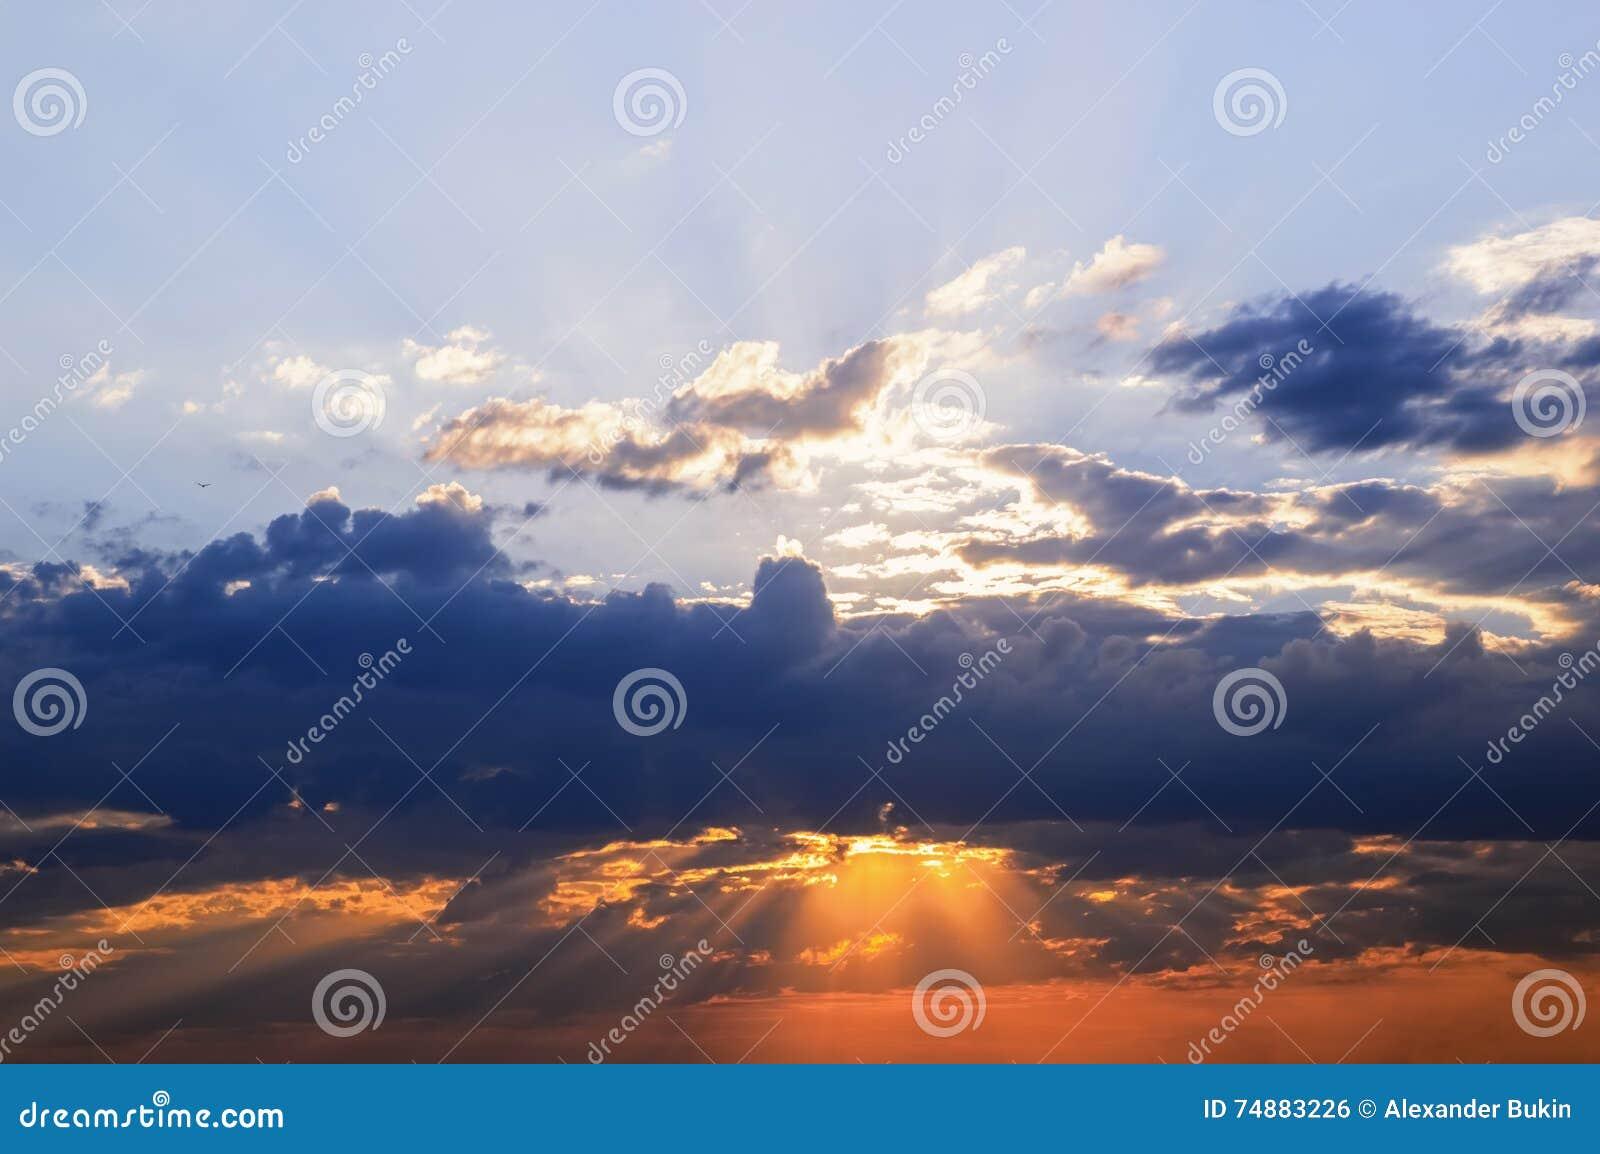 Os raios do sol fazem sua maneira através das nuvens, o céu